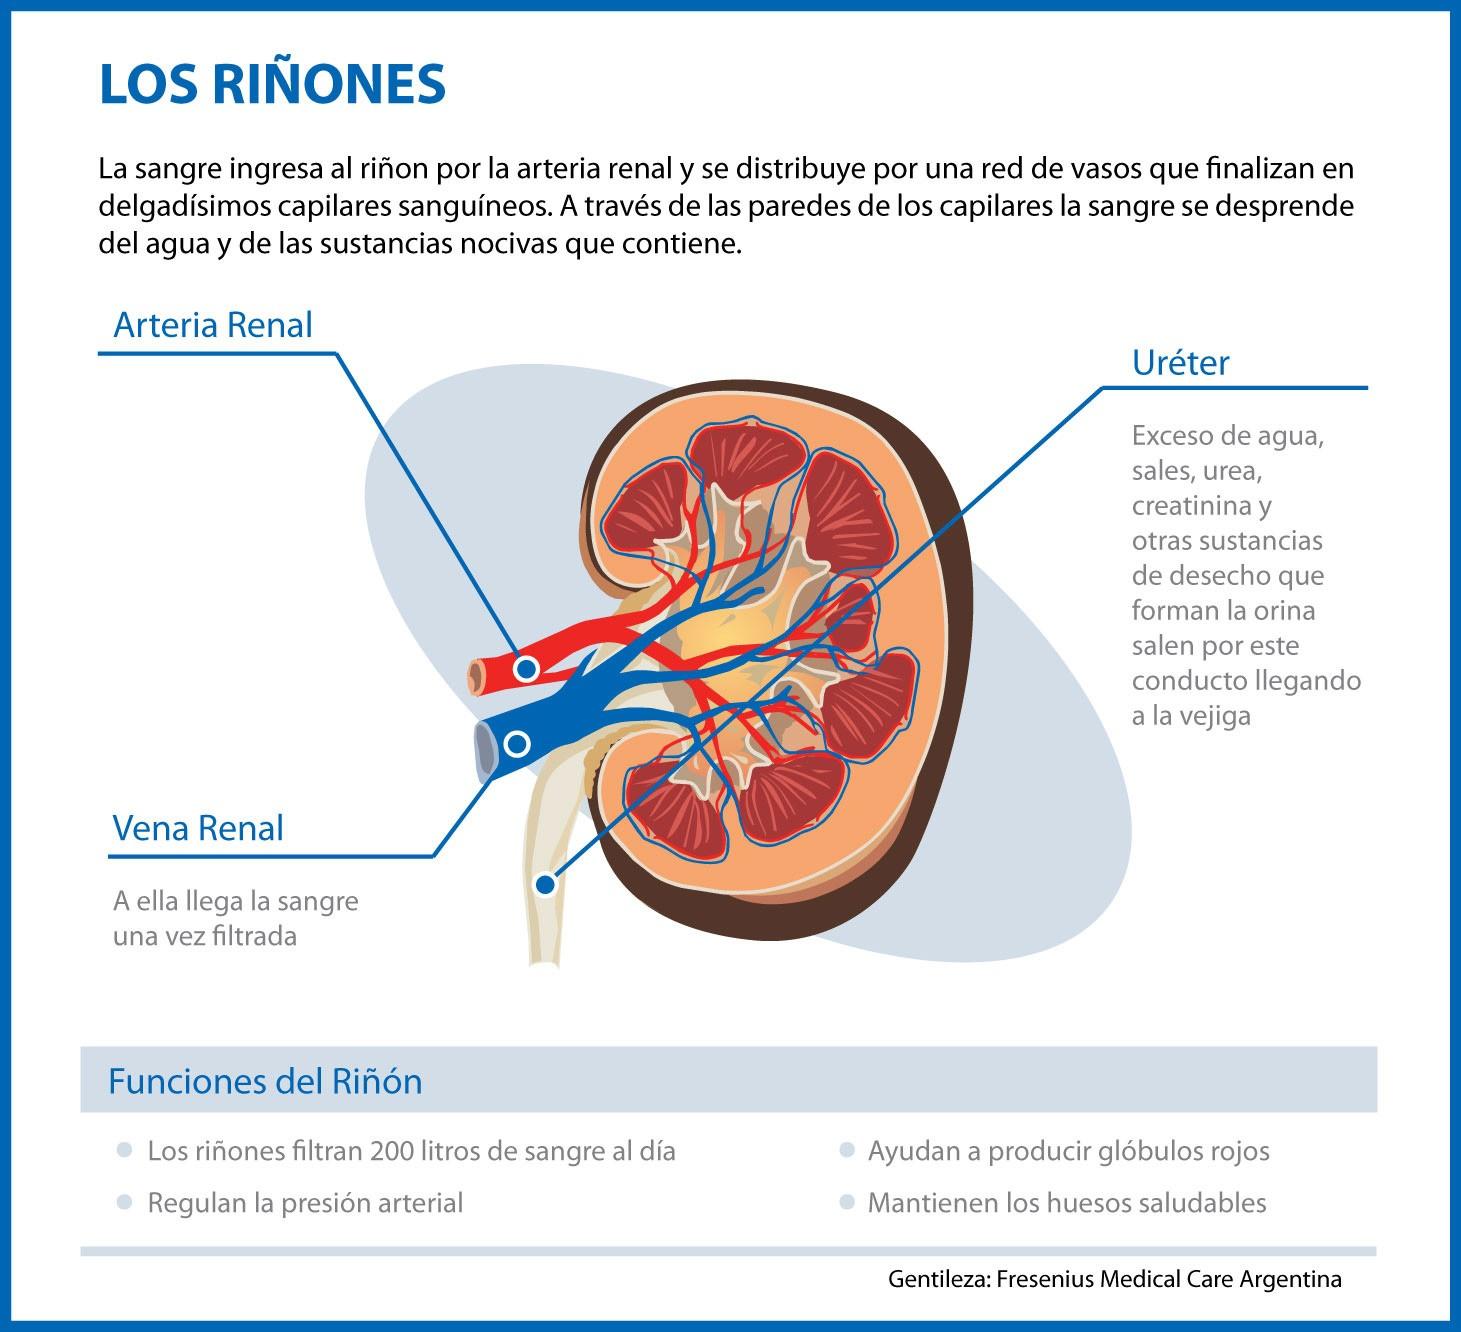 vivir con insuficiencia renal los ri ones